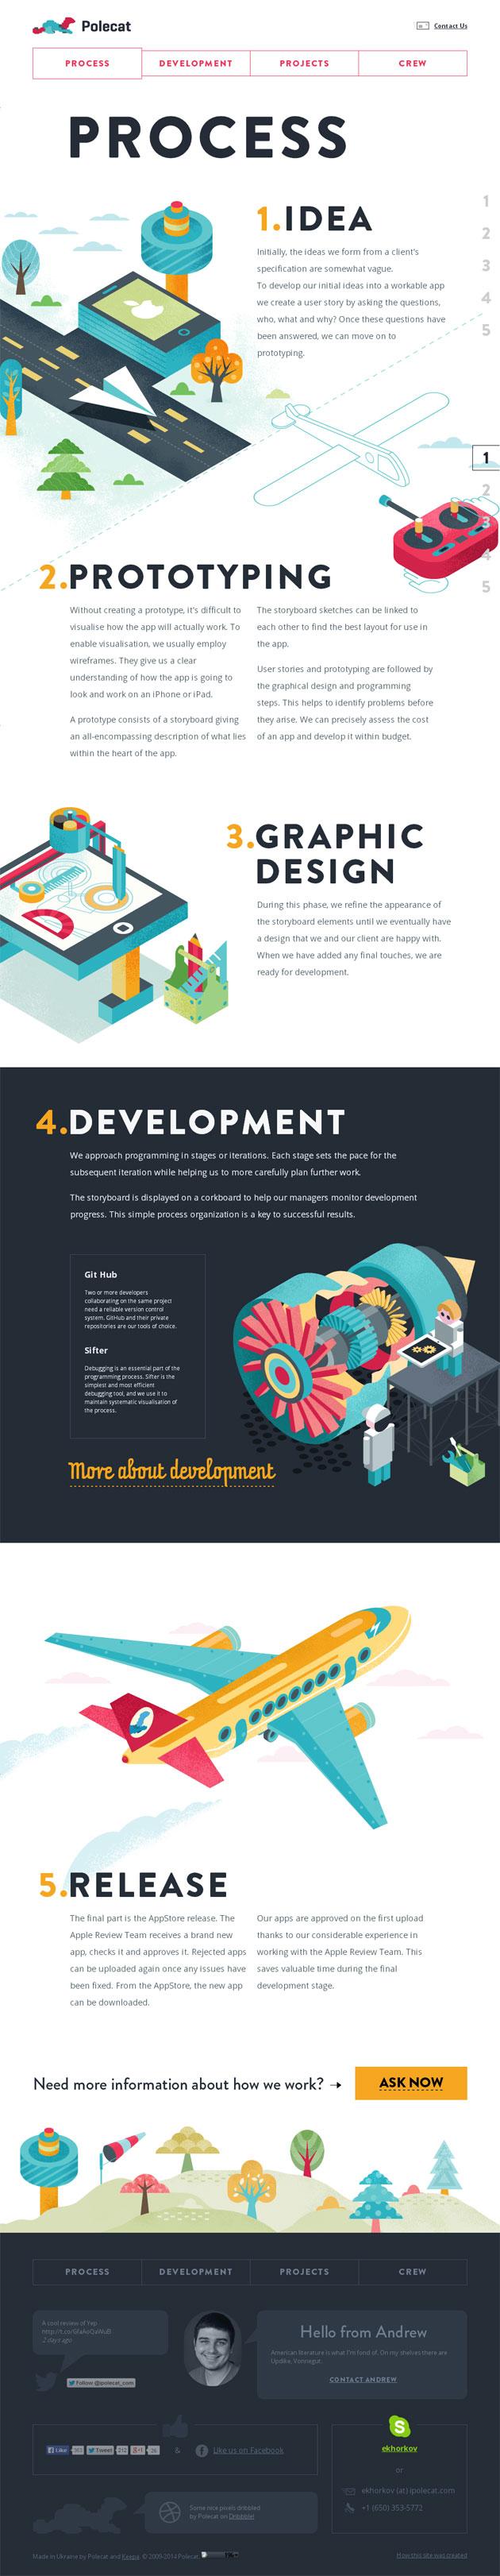 Polecat - Inspiración web design